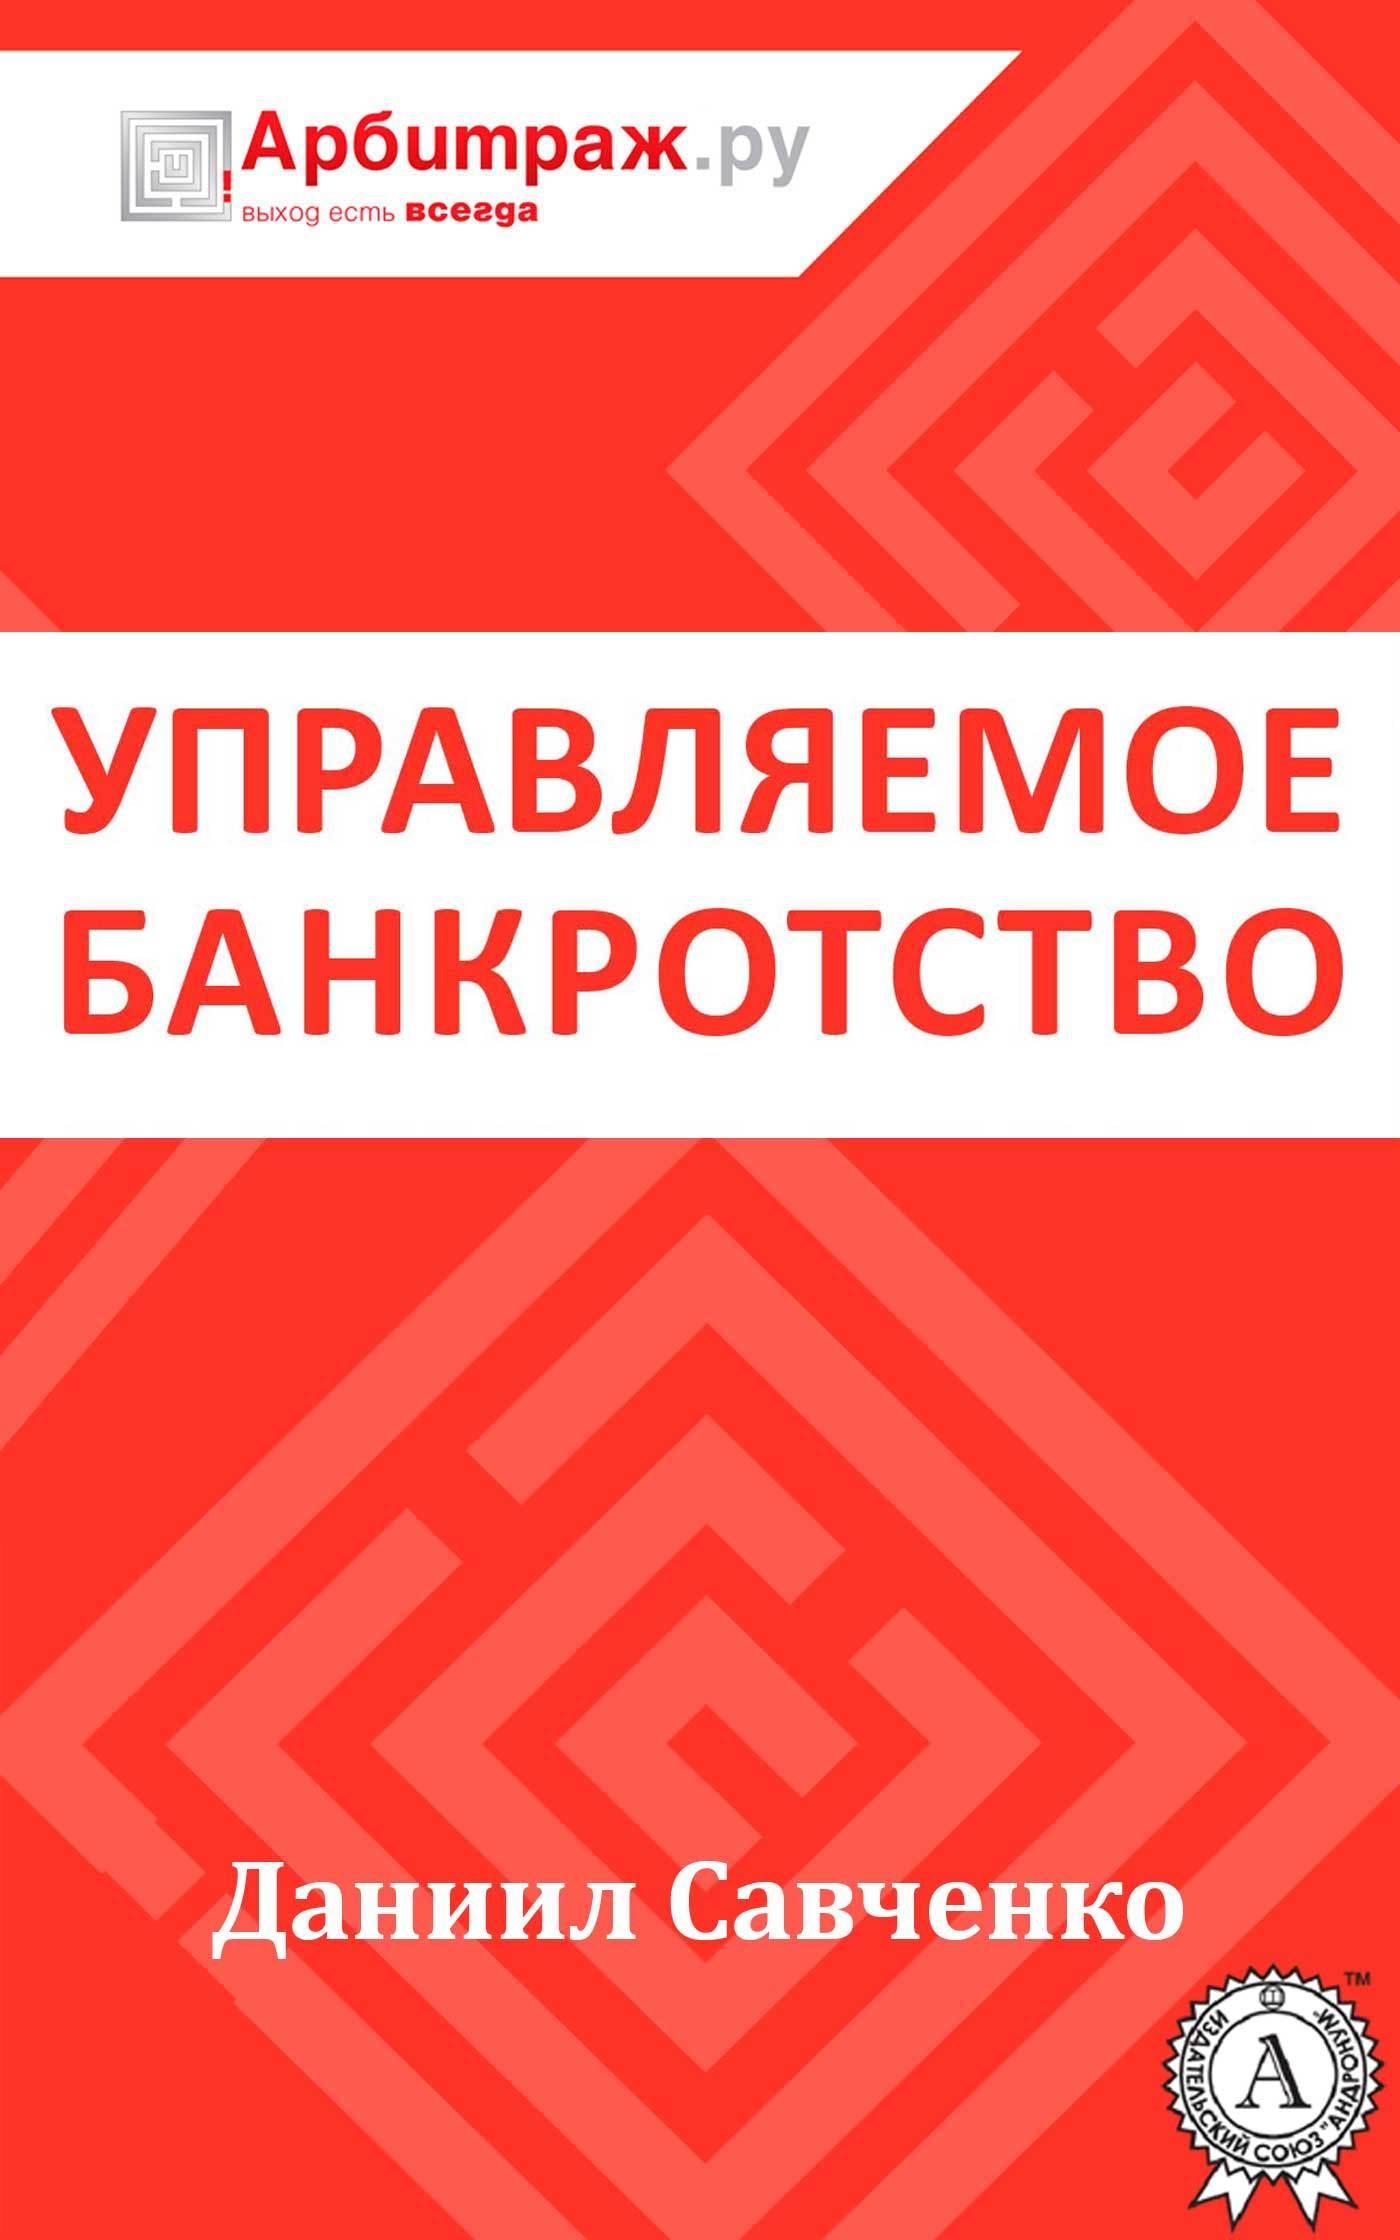 Даниил Савченко «Управляемое банкротство»